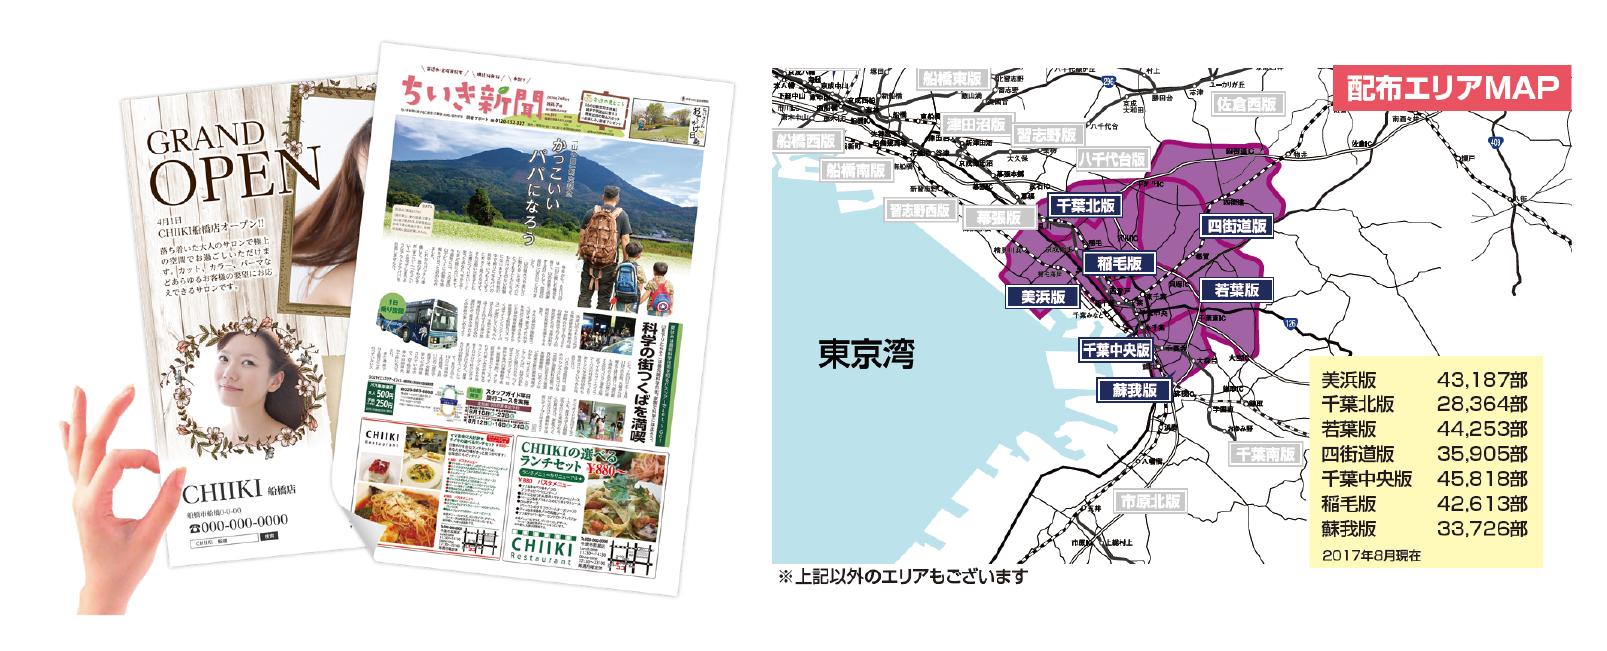 千葉支社エリア広告宣伝・新聞折込チラシサービス